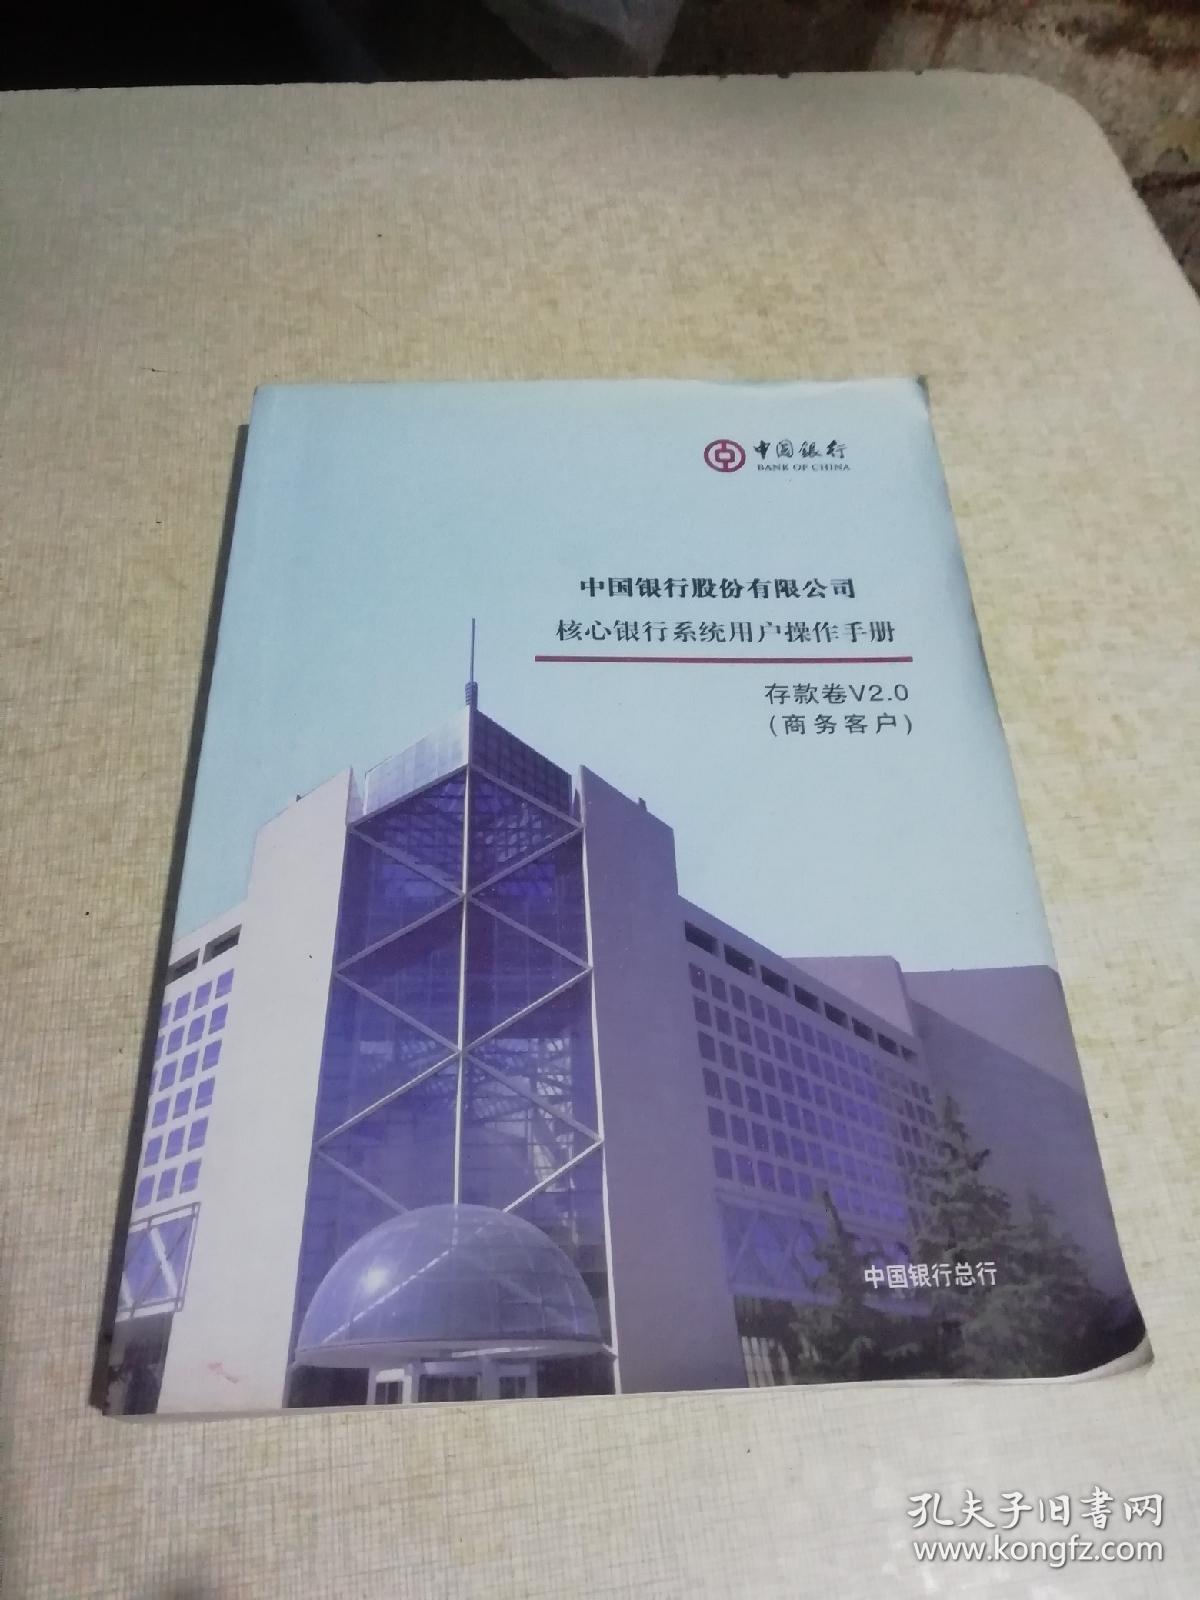 中国银行股份有限公司核心银行系统用户操作手册:存款卷v2.